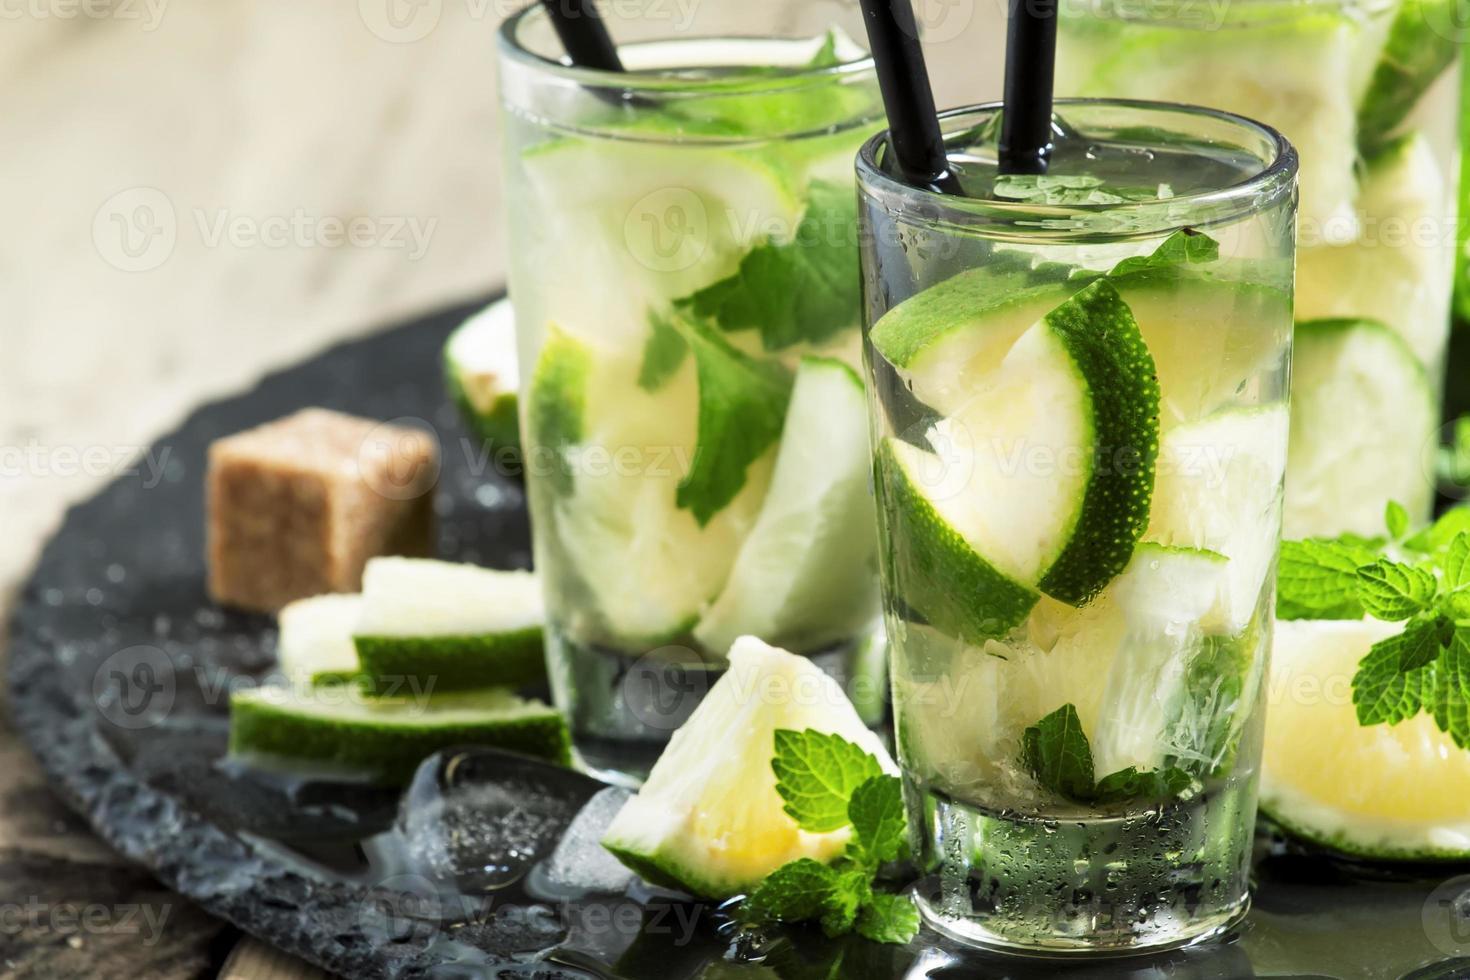 cocktail alcolico tradizionale brasiliano con lime foto